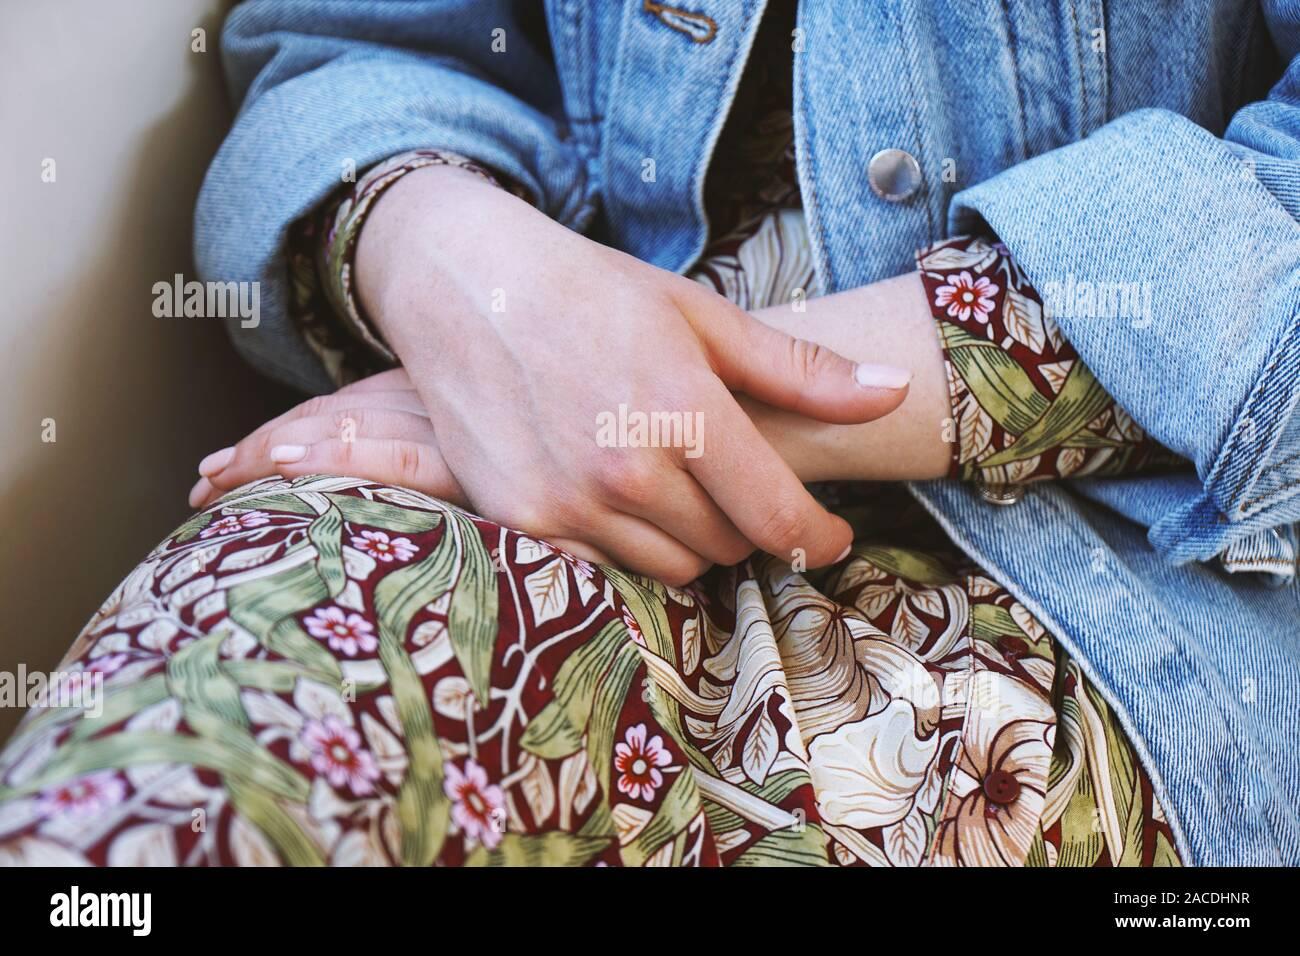 Mid section of young woman wearing denim veste sur robe d'été avec motif floral - Portrait de femme les mains croisées sur ses genoux Banque D'Images